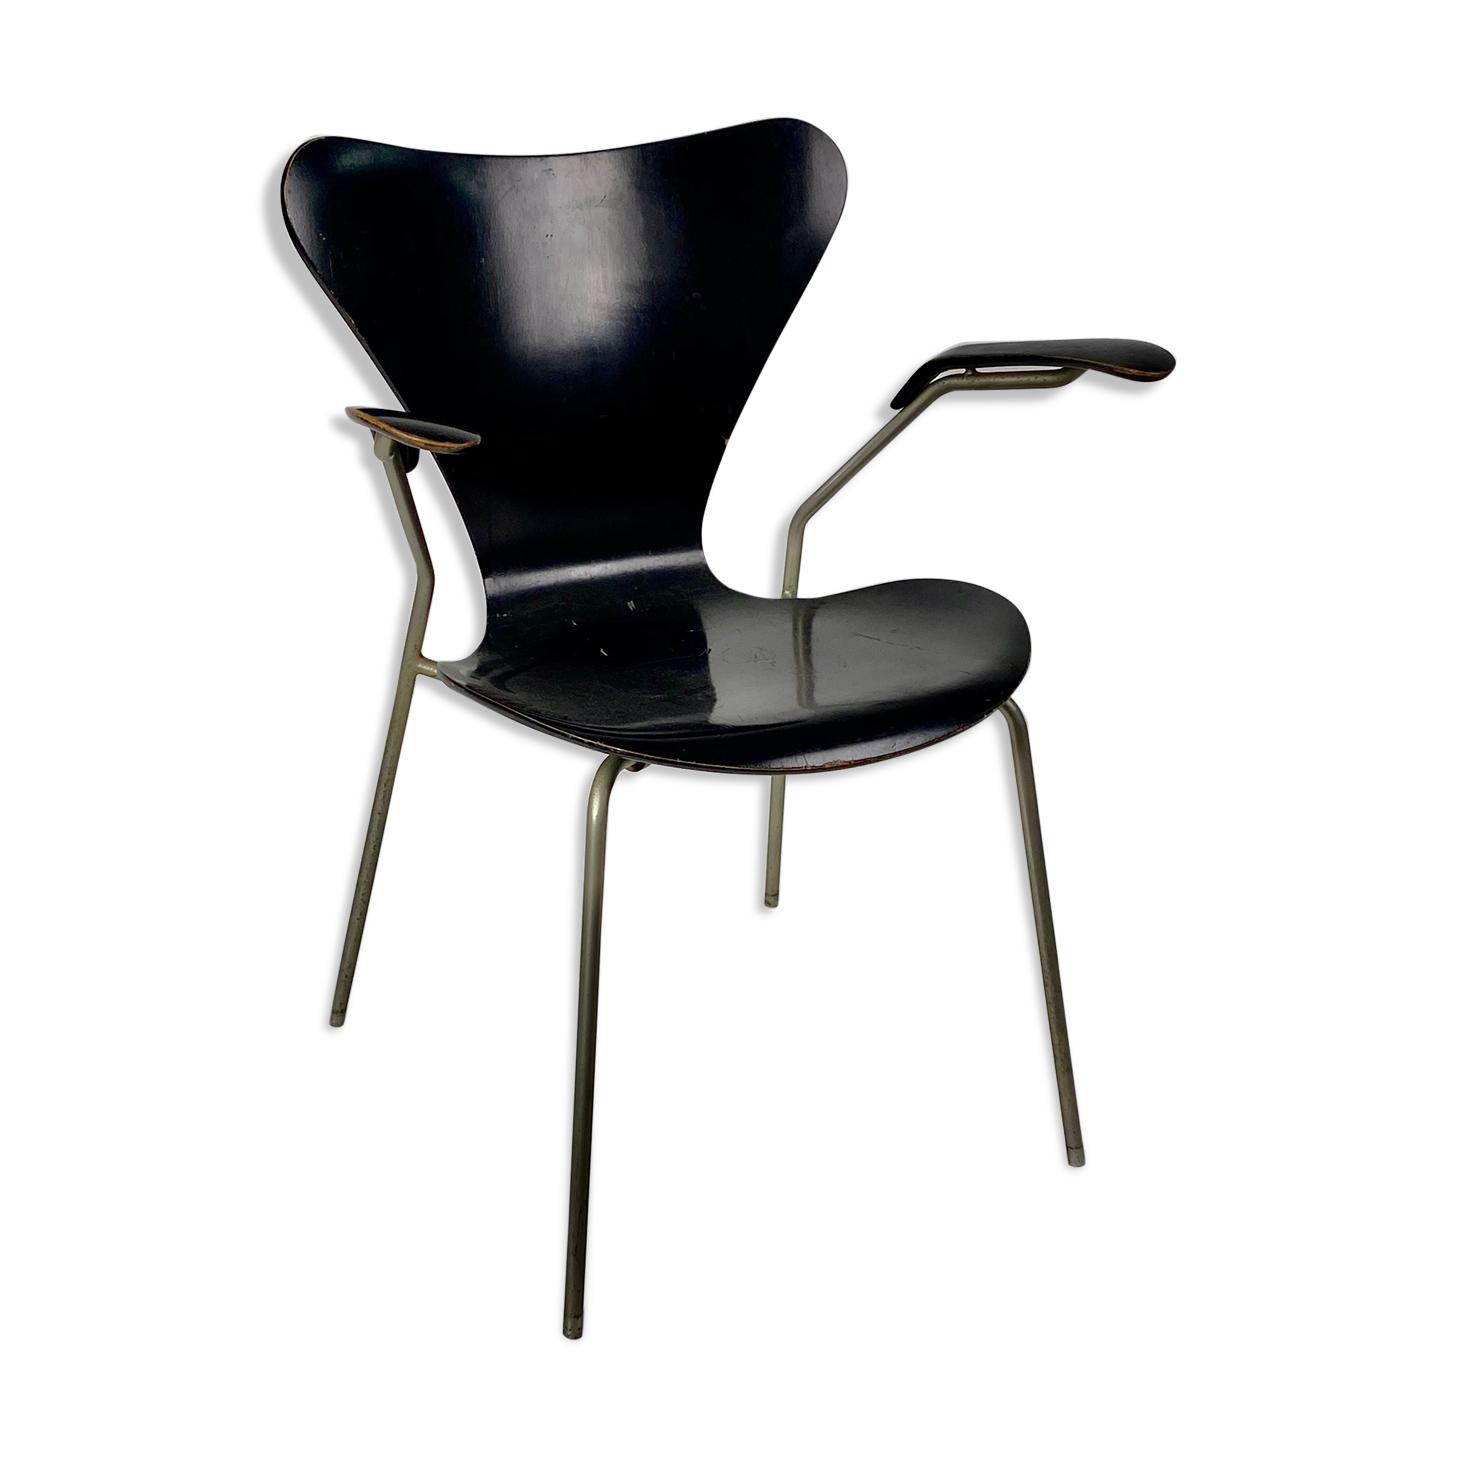 Fauteuil en bois laqué noir d'Arne Jacobsen année 50